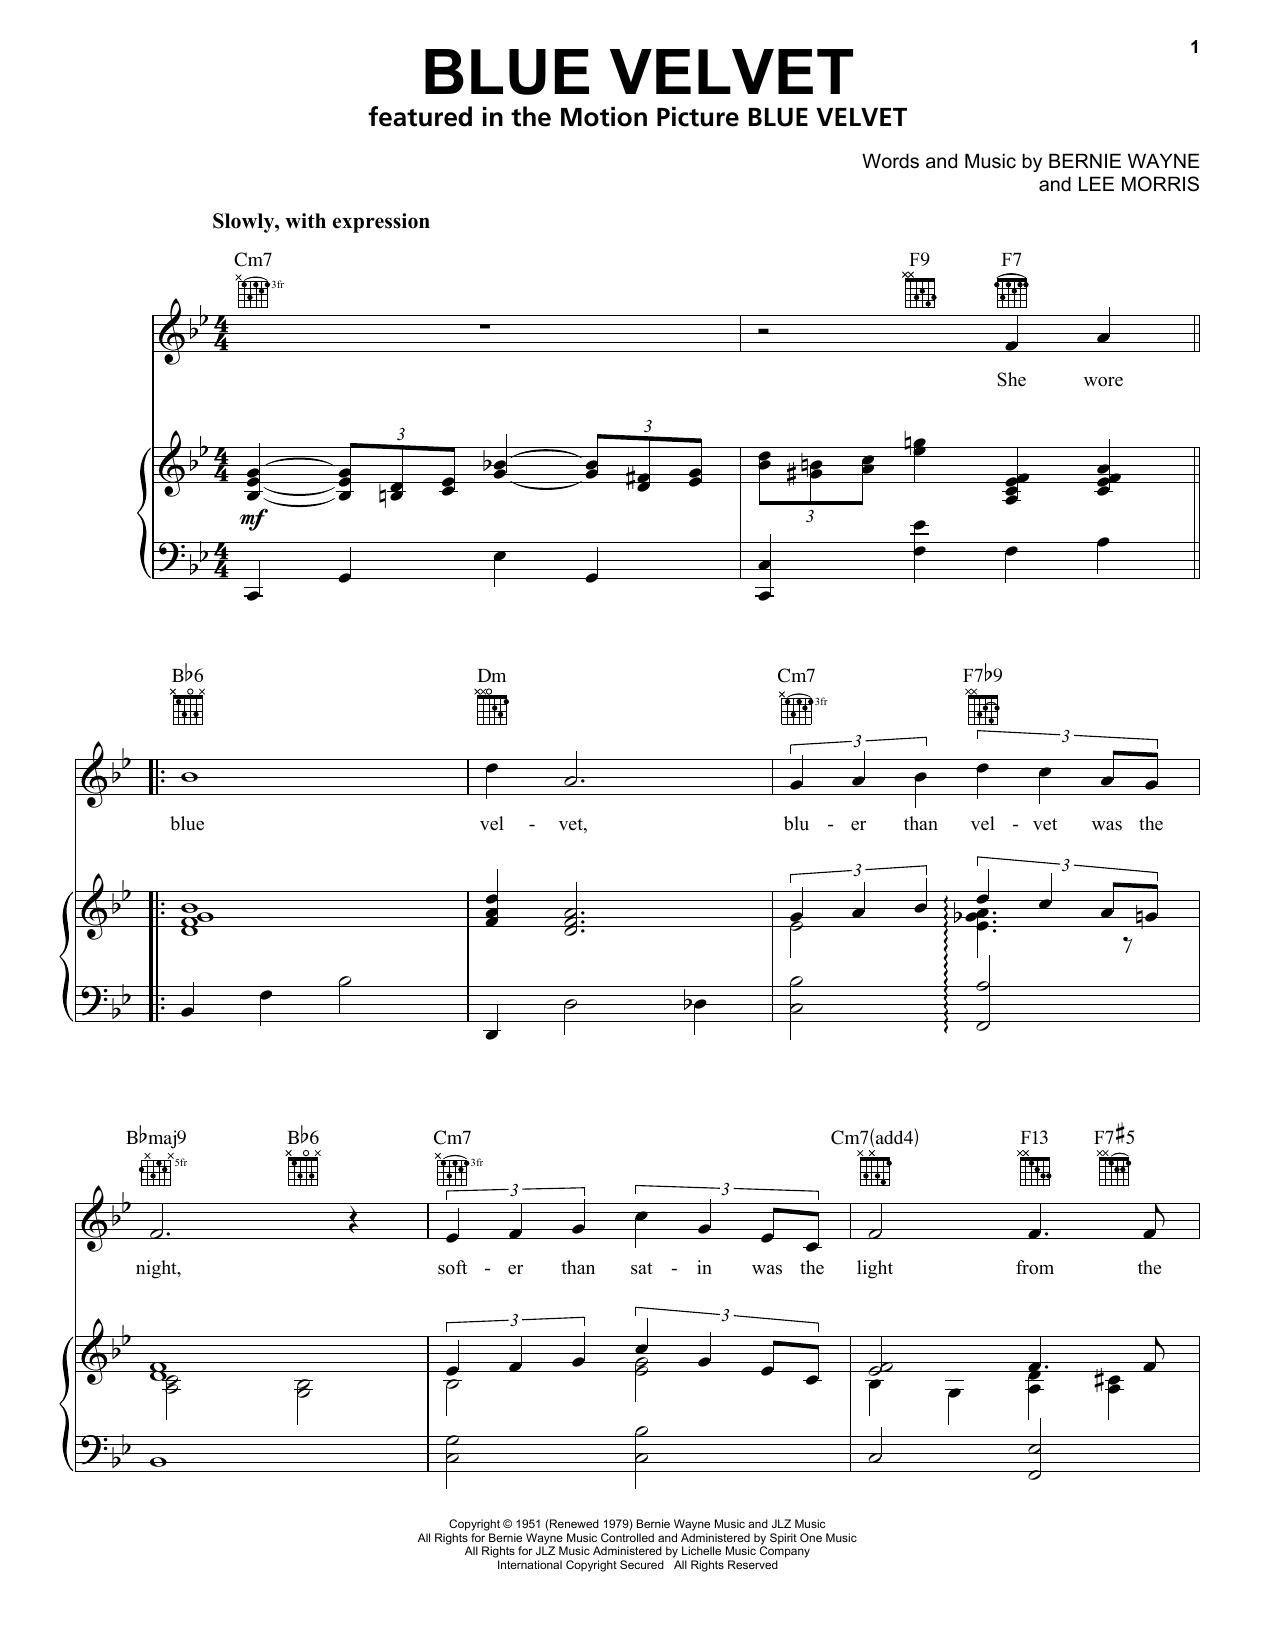 Bobby Vinton Blue Velvet sheet music notes and chords